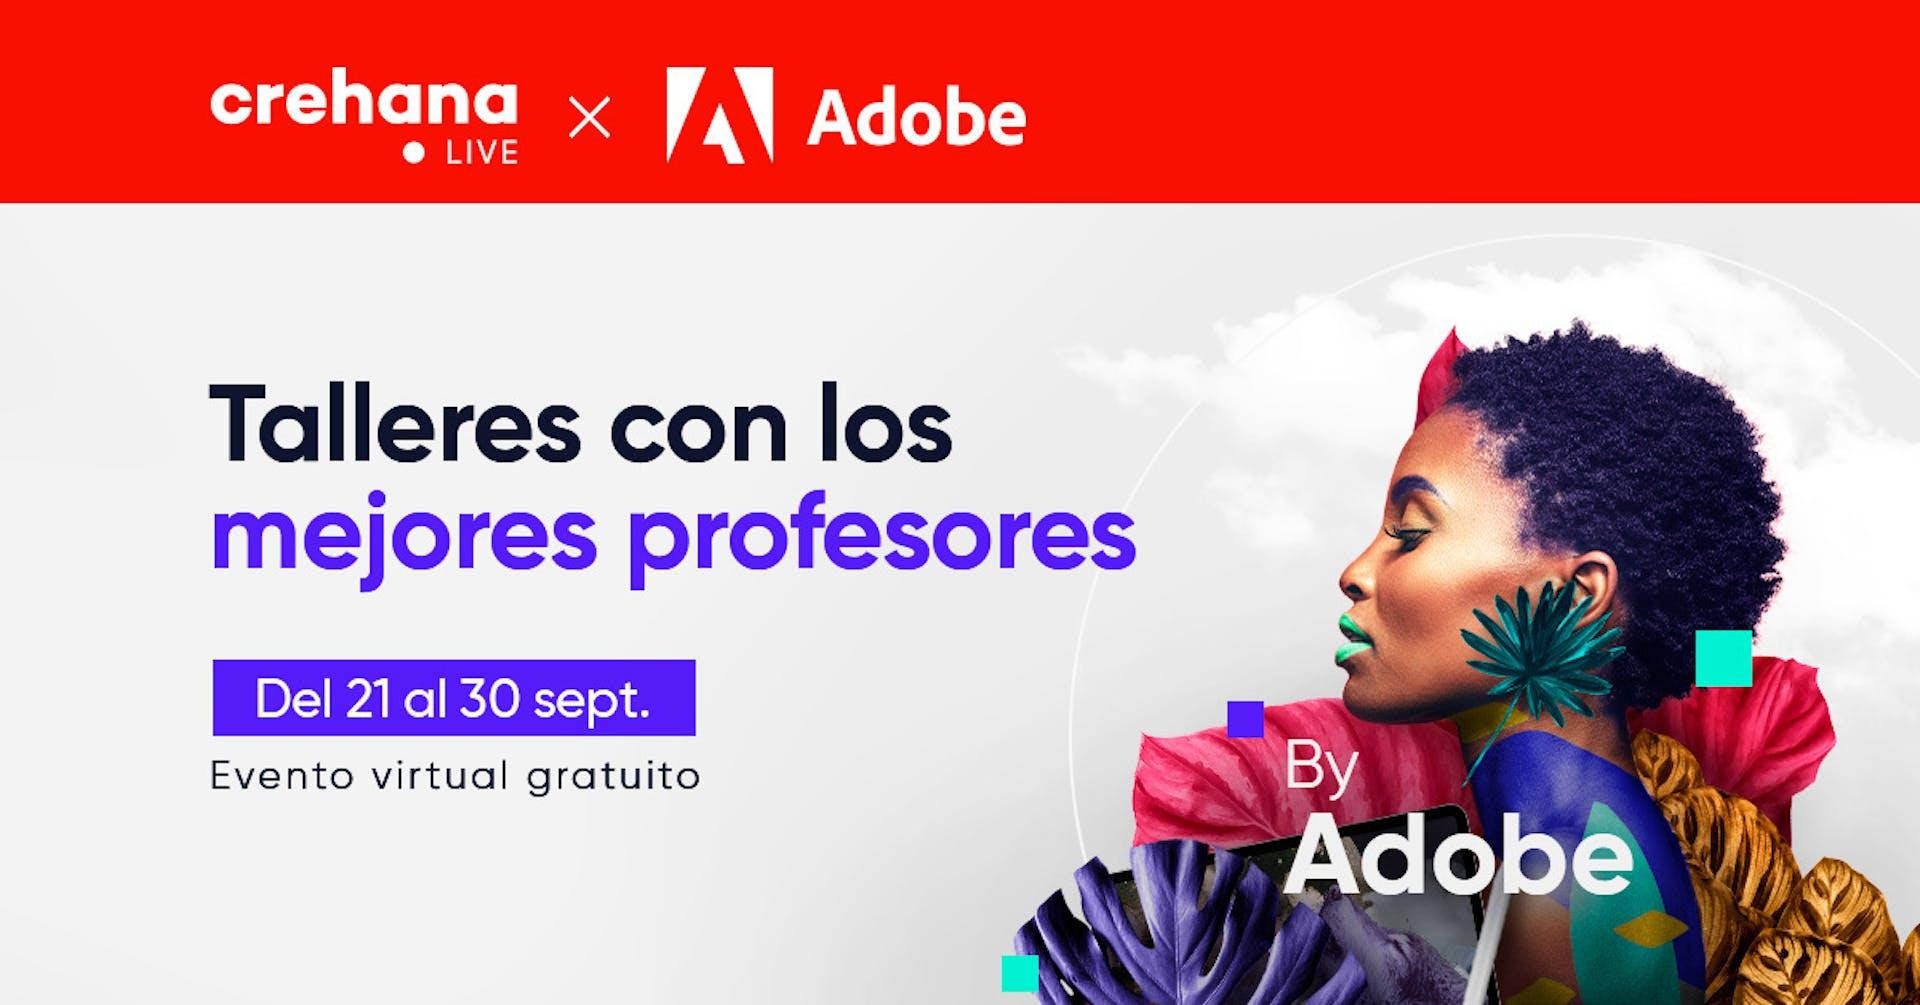 Crehana Live x Adobe: Gana una Licencia Adobe Creative Cloud y una Membresía Premium